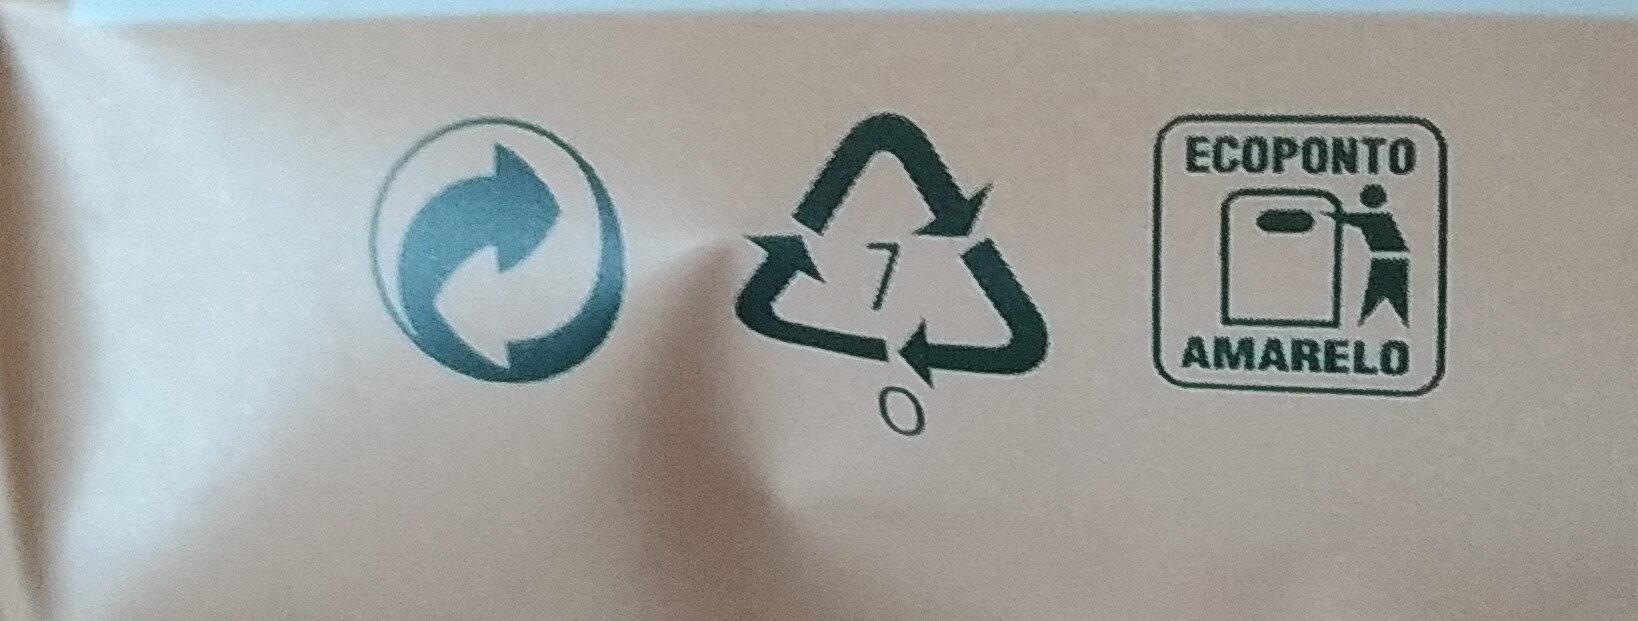 Californian Walnuts - Istruzioni per il riciclaggio e/o informazioni sull'imballaggio - it